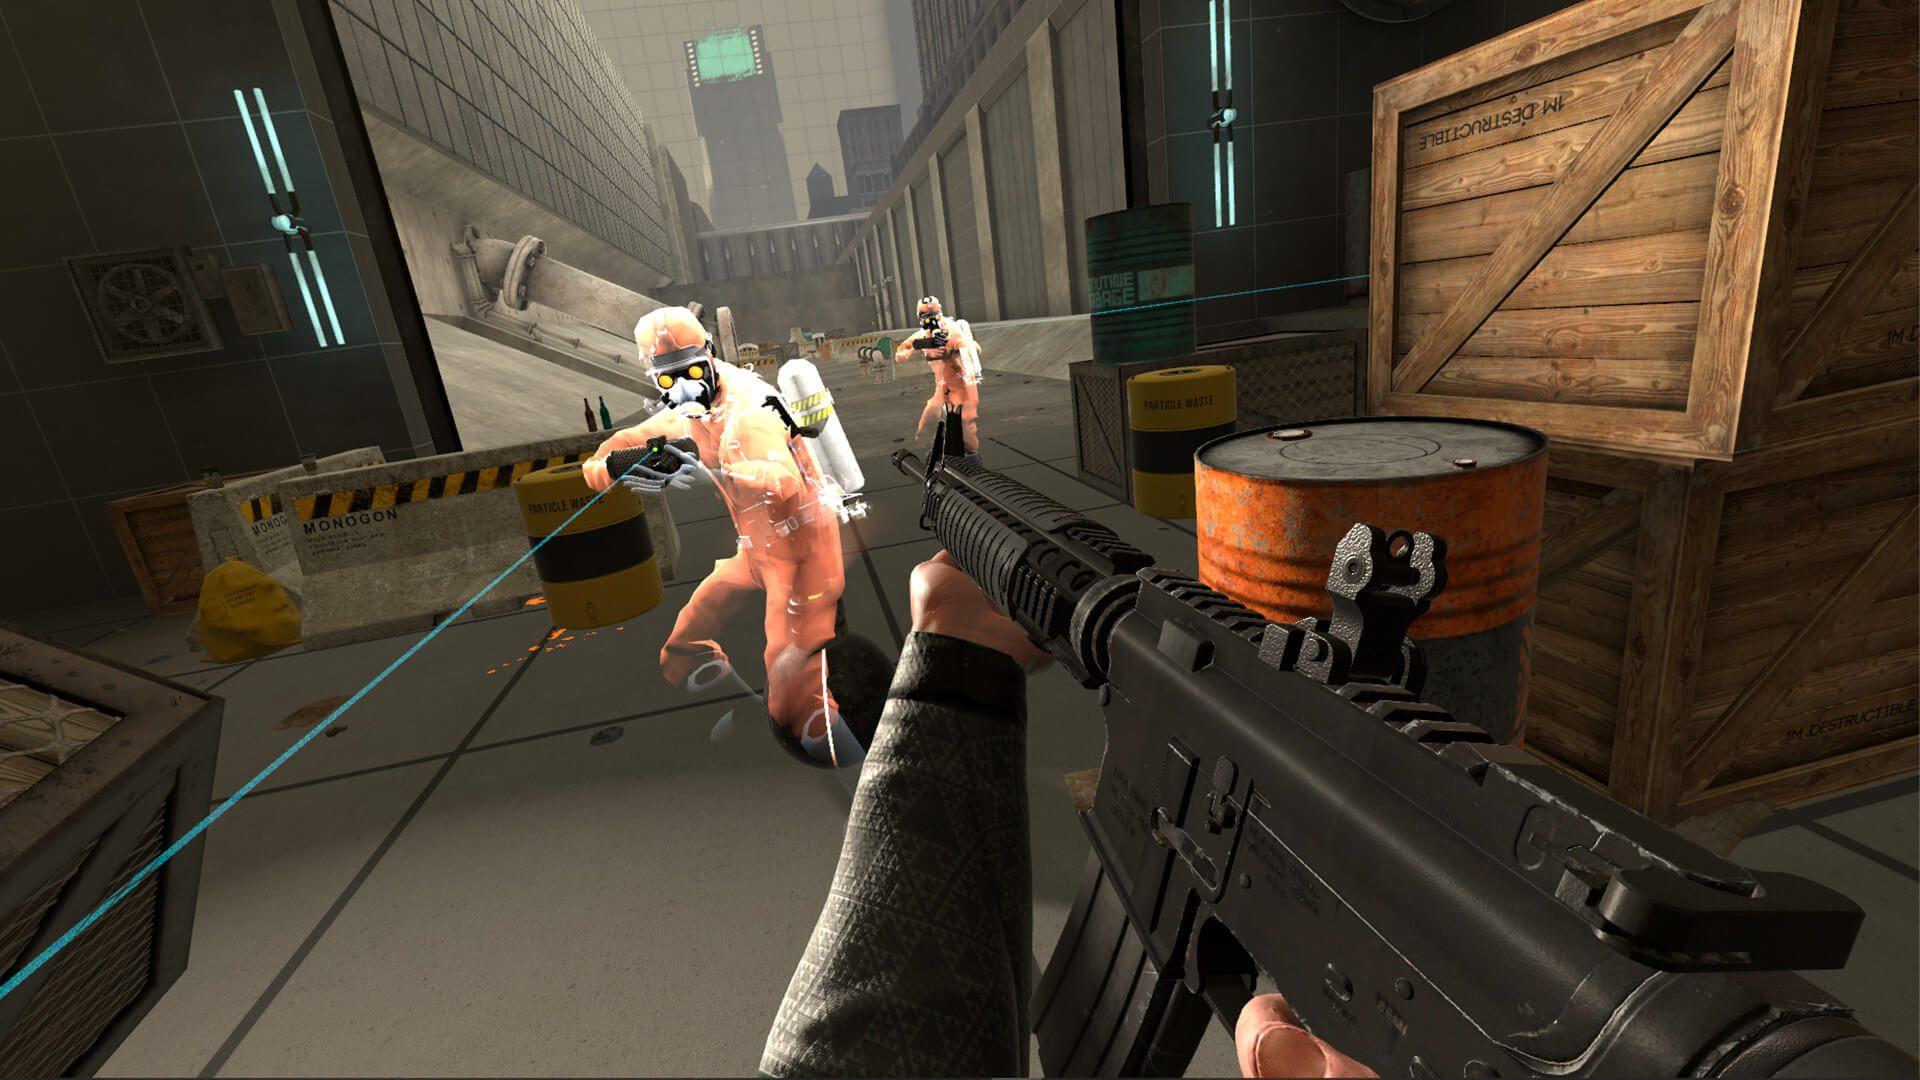 Jogo experimental de ação e aventura física VR, Boneworks, lançado em 10 de dezembro